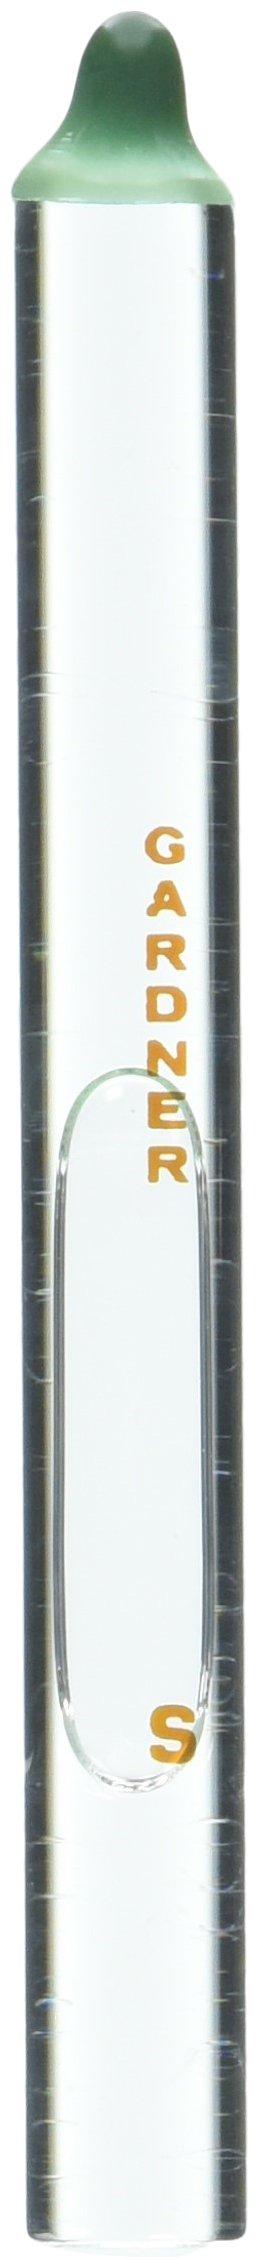 BYK Gardner 529 Bubble Viscometer Tube, Grade S